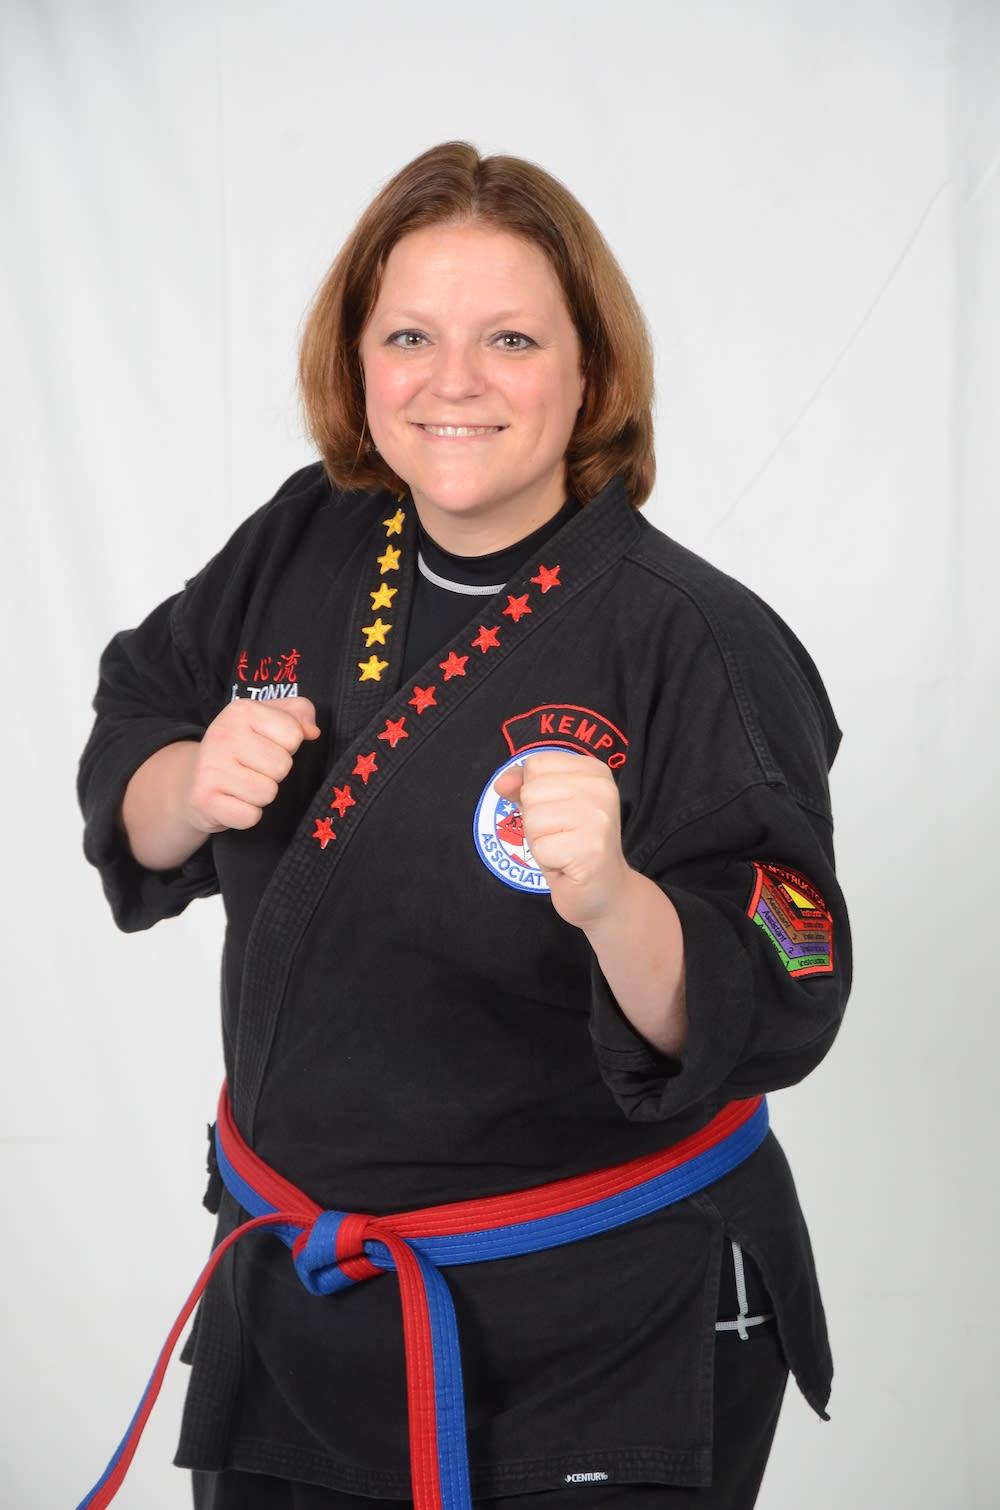 Tonya Denlinger